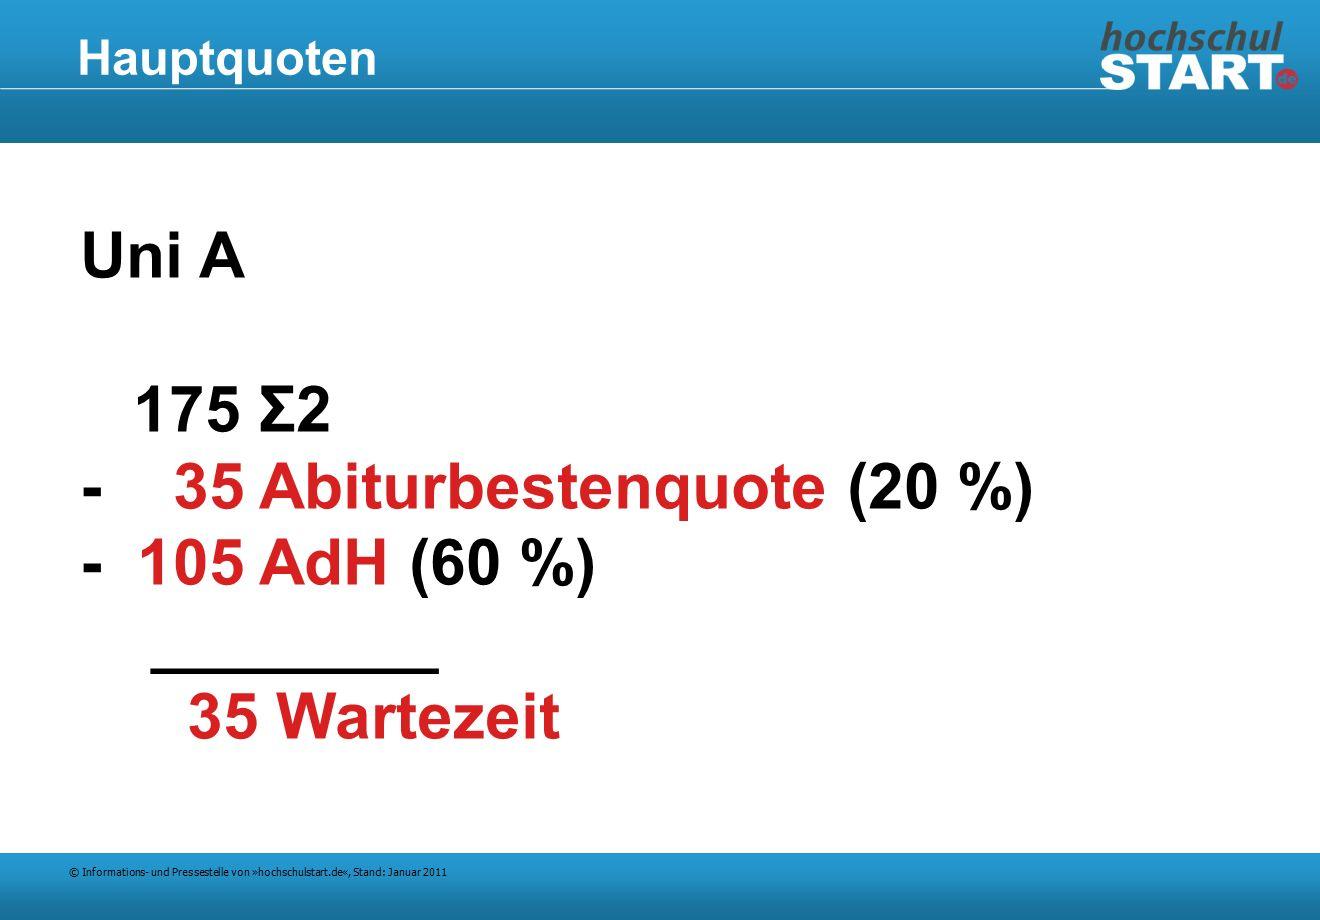 © Informations- und Pressestelle von »hochschulstart.de«, Stand: Januar 2011 Hauptquoten Uni A 175 Σ2 - 35 Abiturbestenquote (20 %) - 105 AdH (60 %) ________ 35 Wartezeit